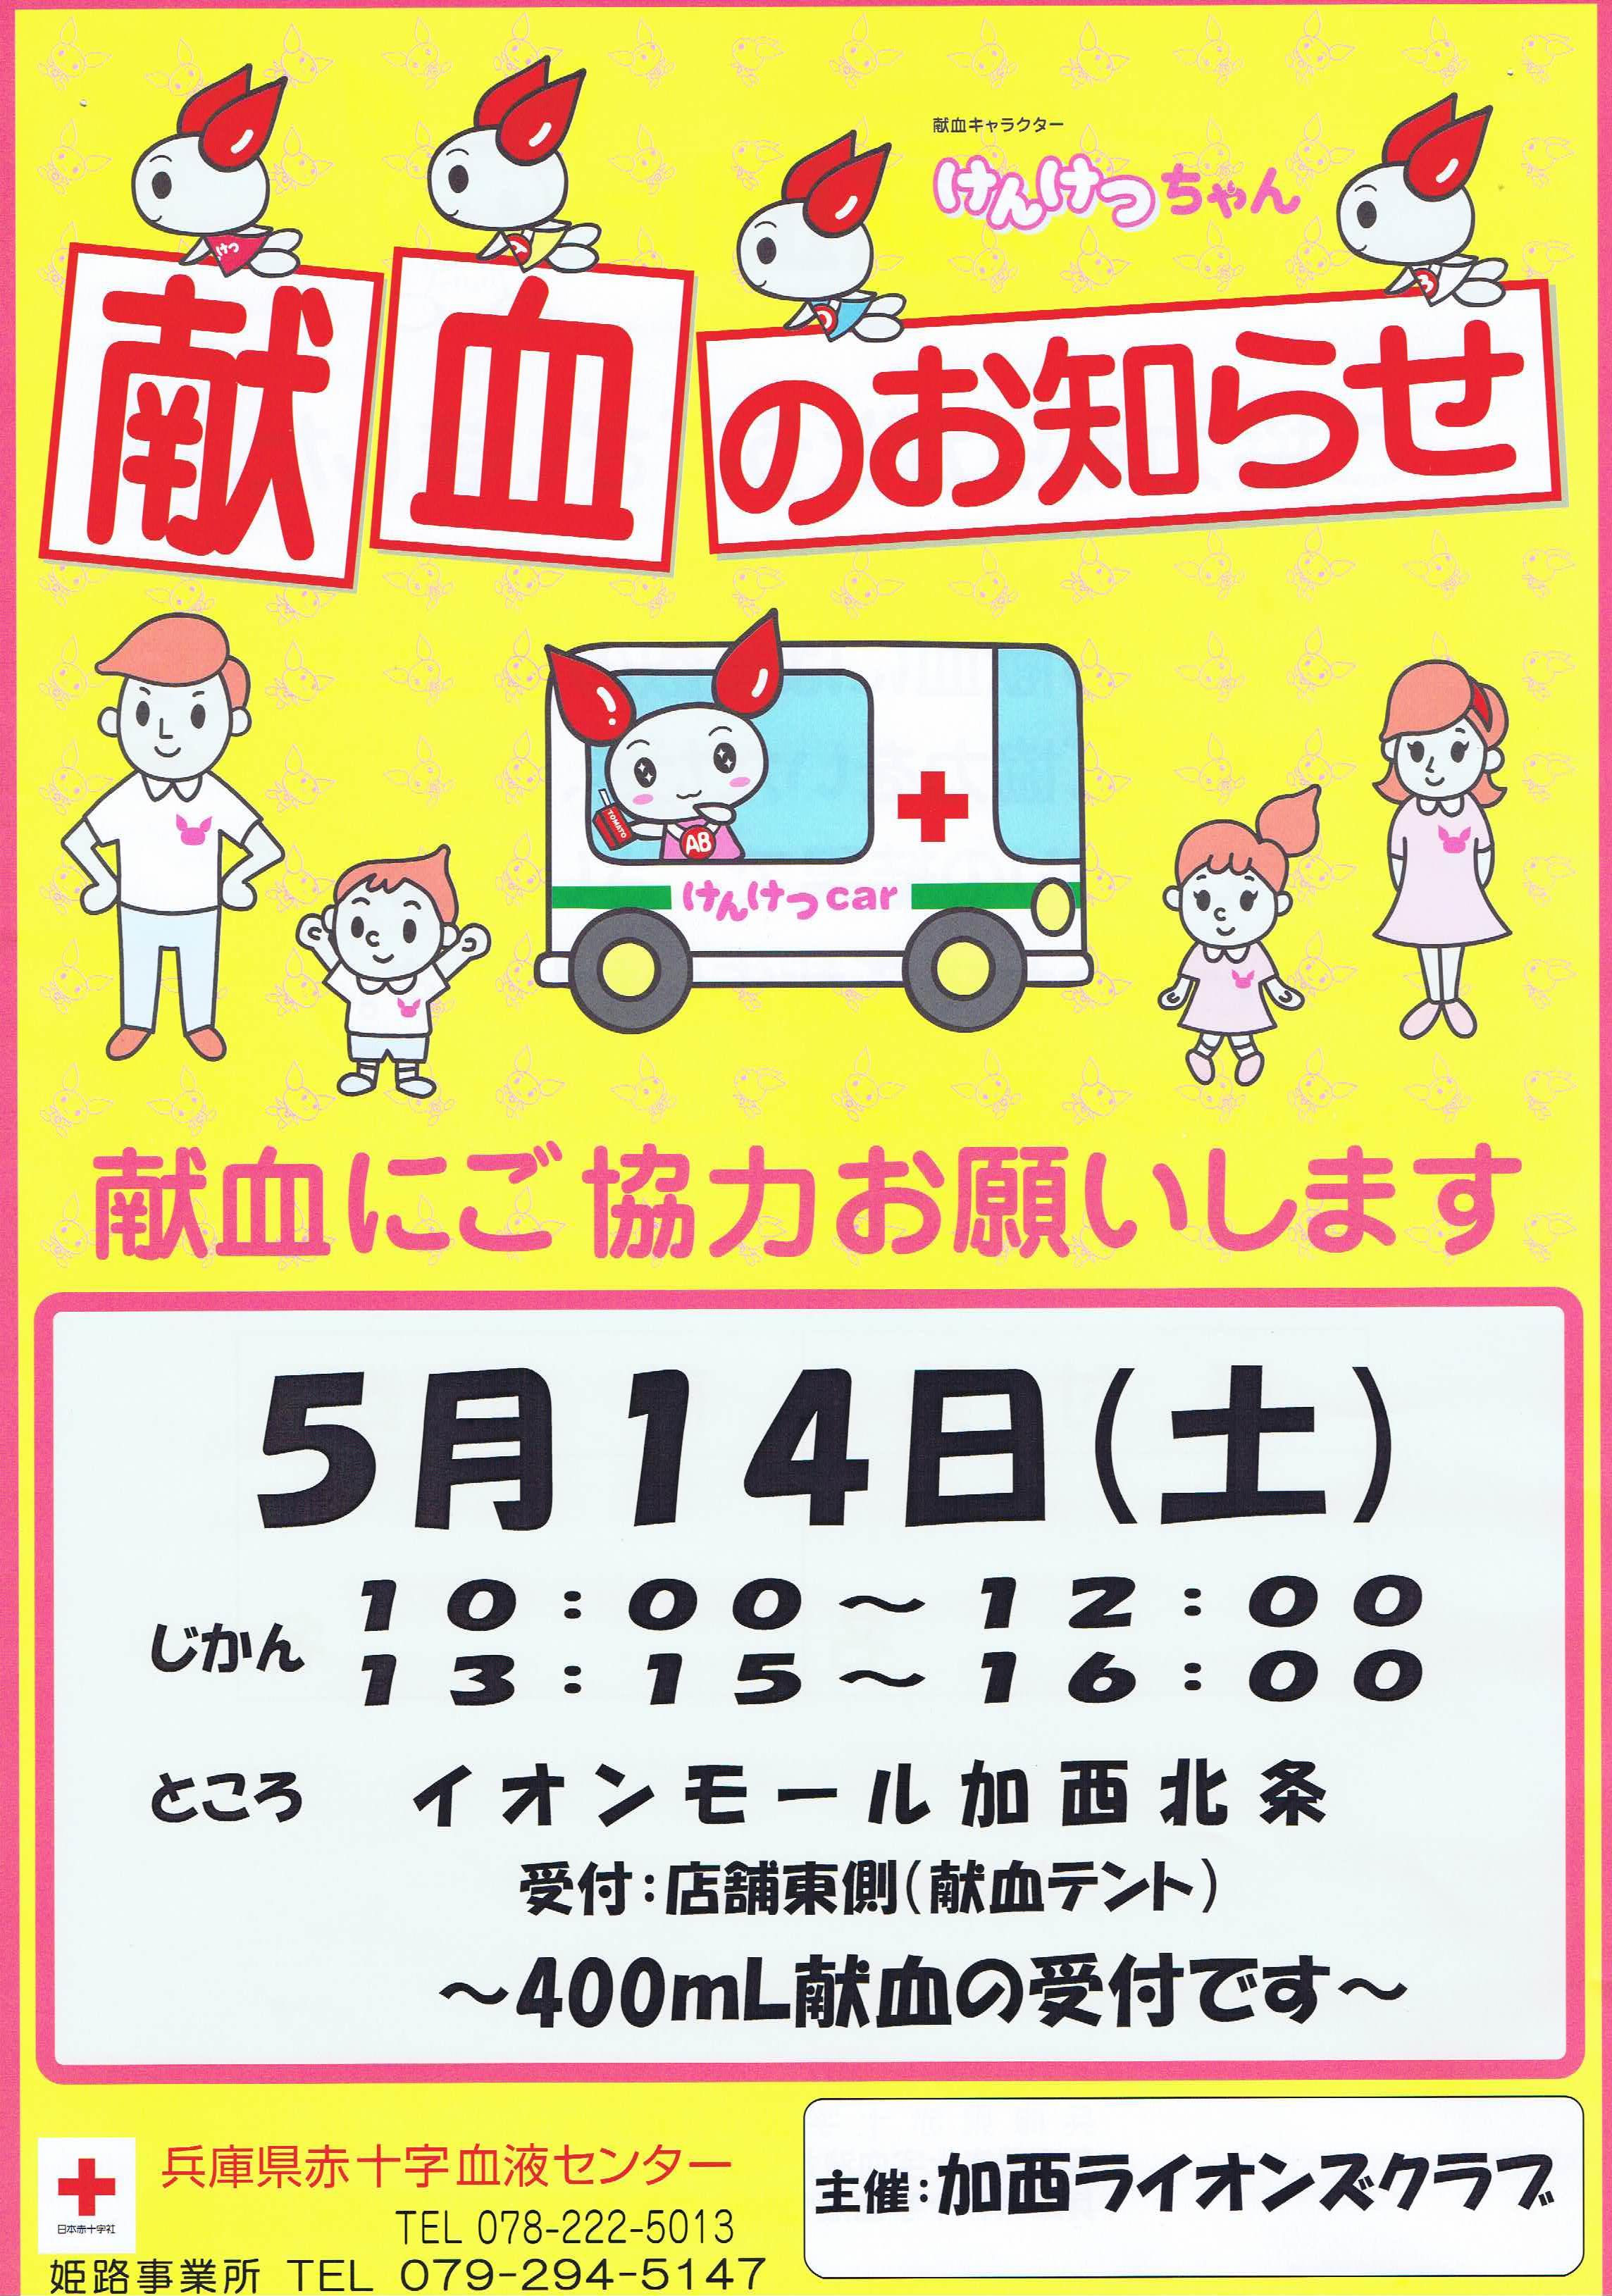 加西LC 献血奉仕活動 イオン加西北条店 5月15日(土)